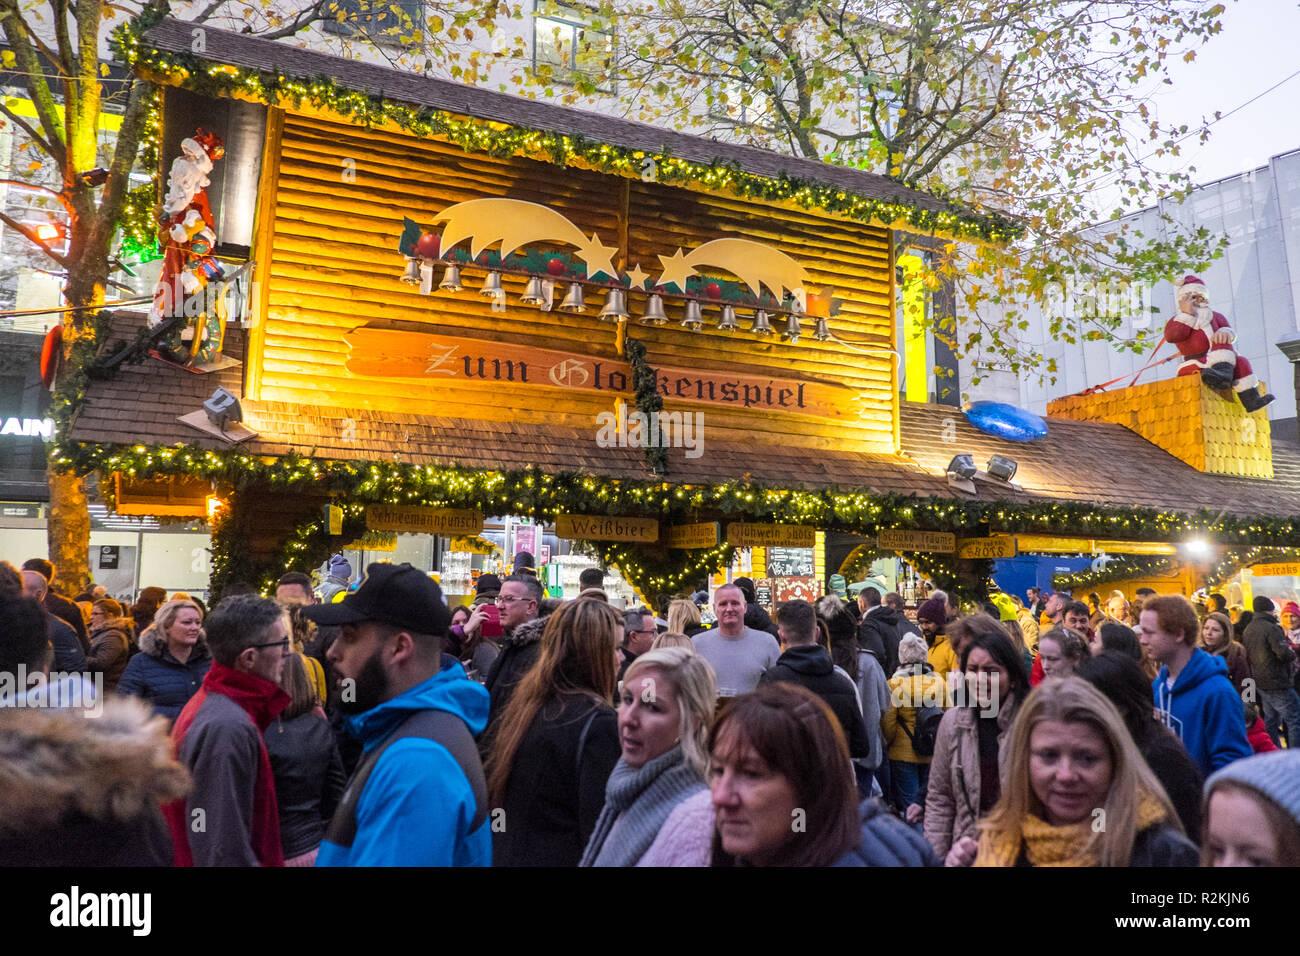 Größter Deutscher Weihnachtsmarkt.Birmingham Deutsche Weihnachtsmarkt Ist Der Grösste Weihnachtsmarkt